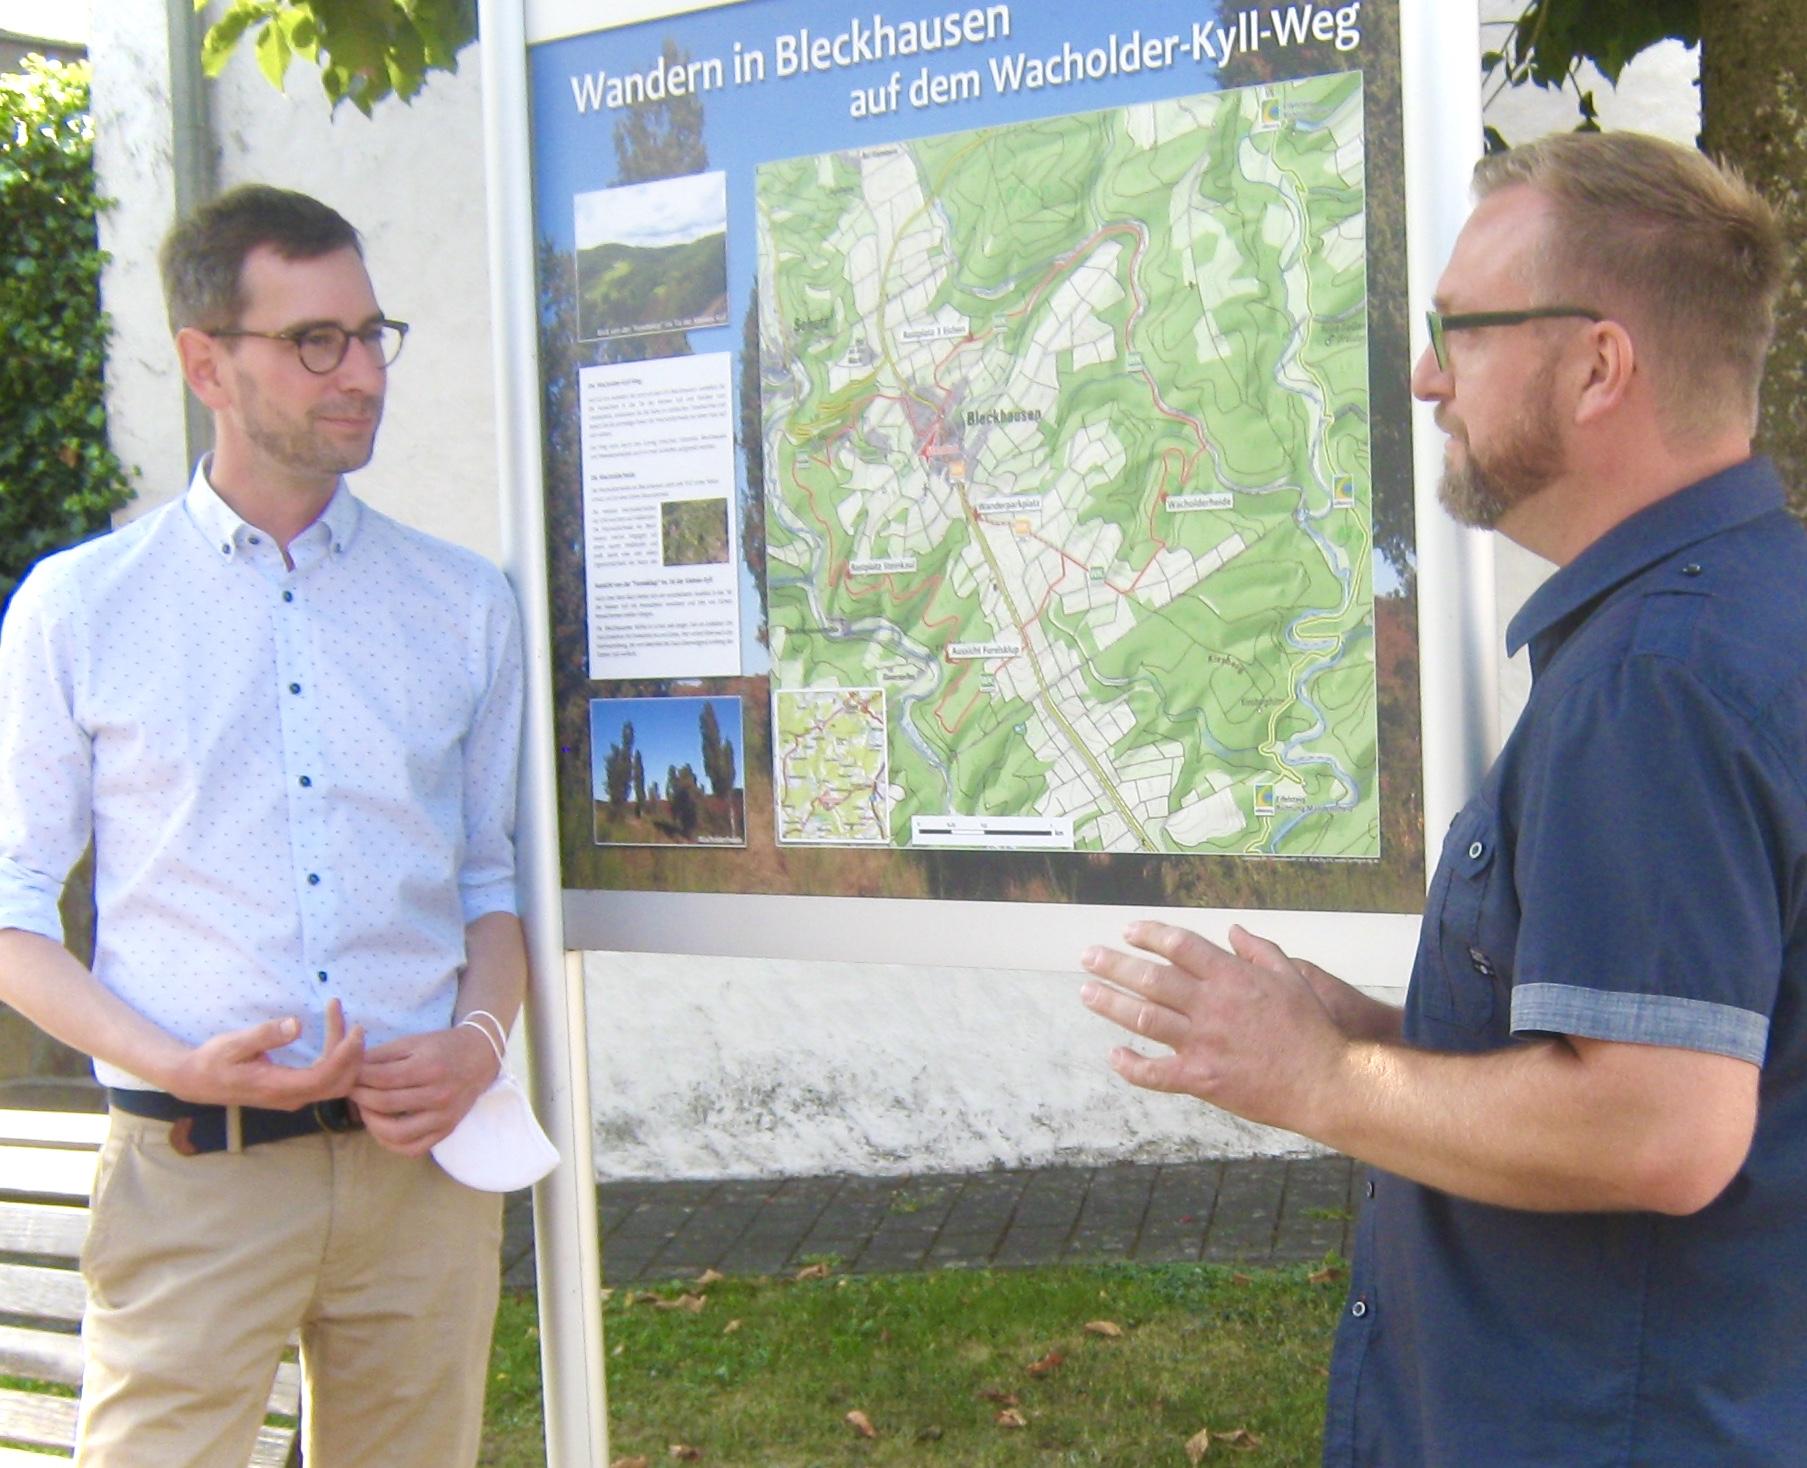 Jens Jenssen und Markus Göbel vor der Info-Tafel zum Wacholder-Wanderweg, der rund um Bleckhausen führt.